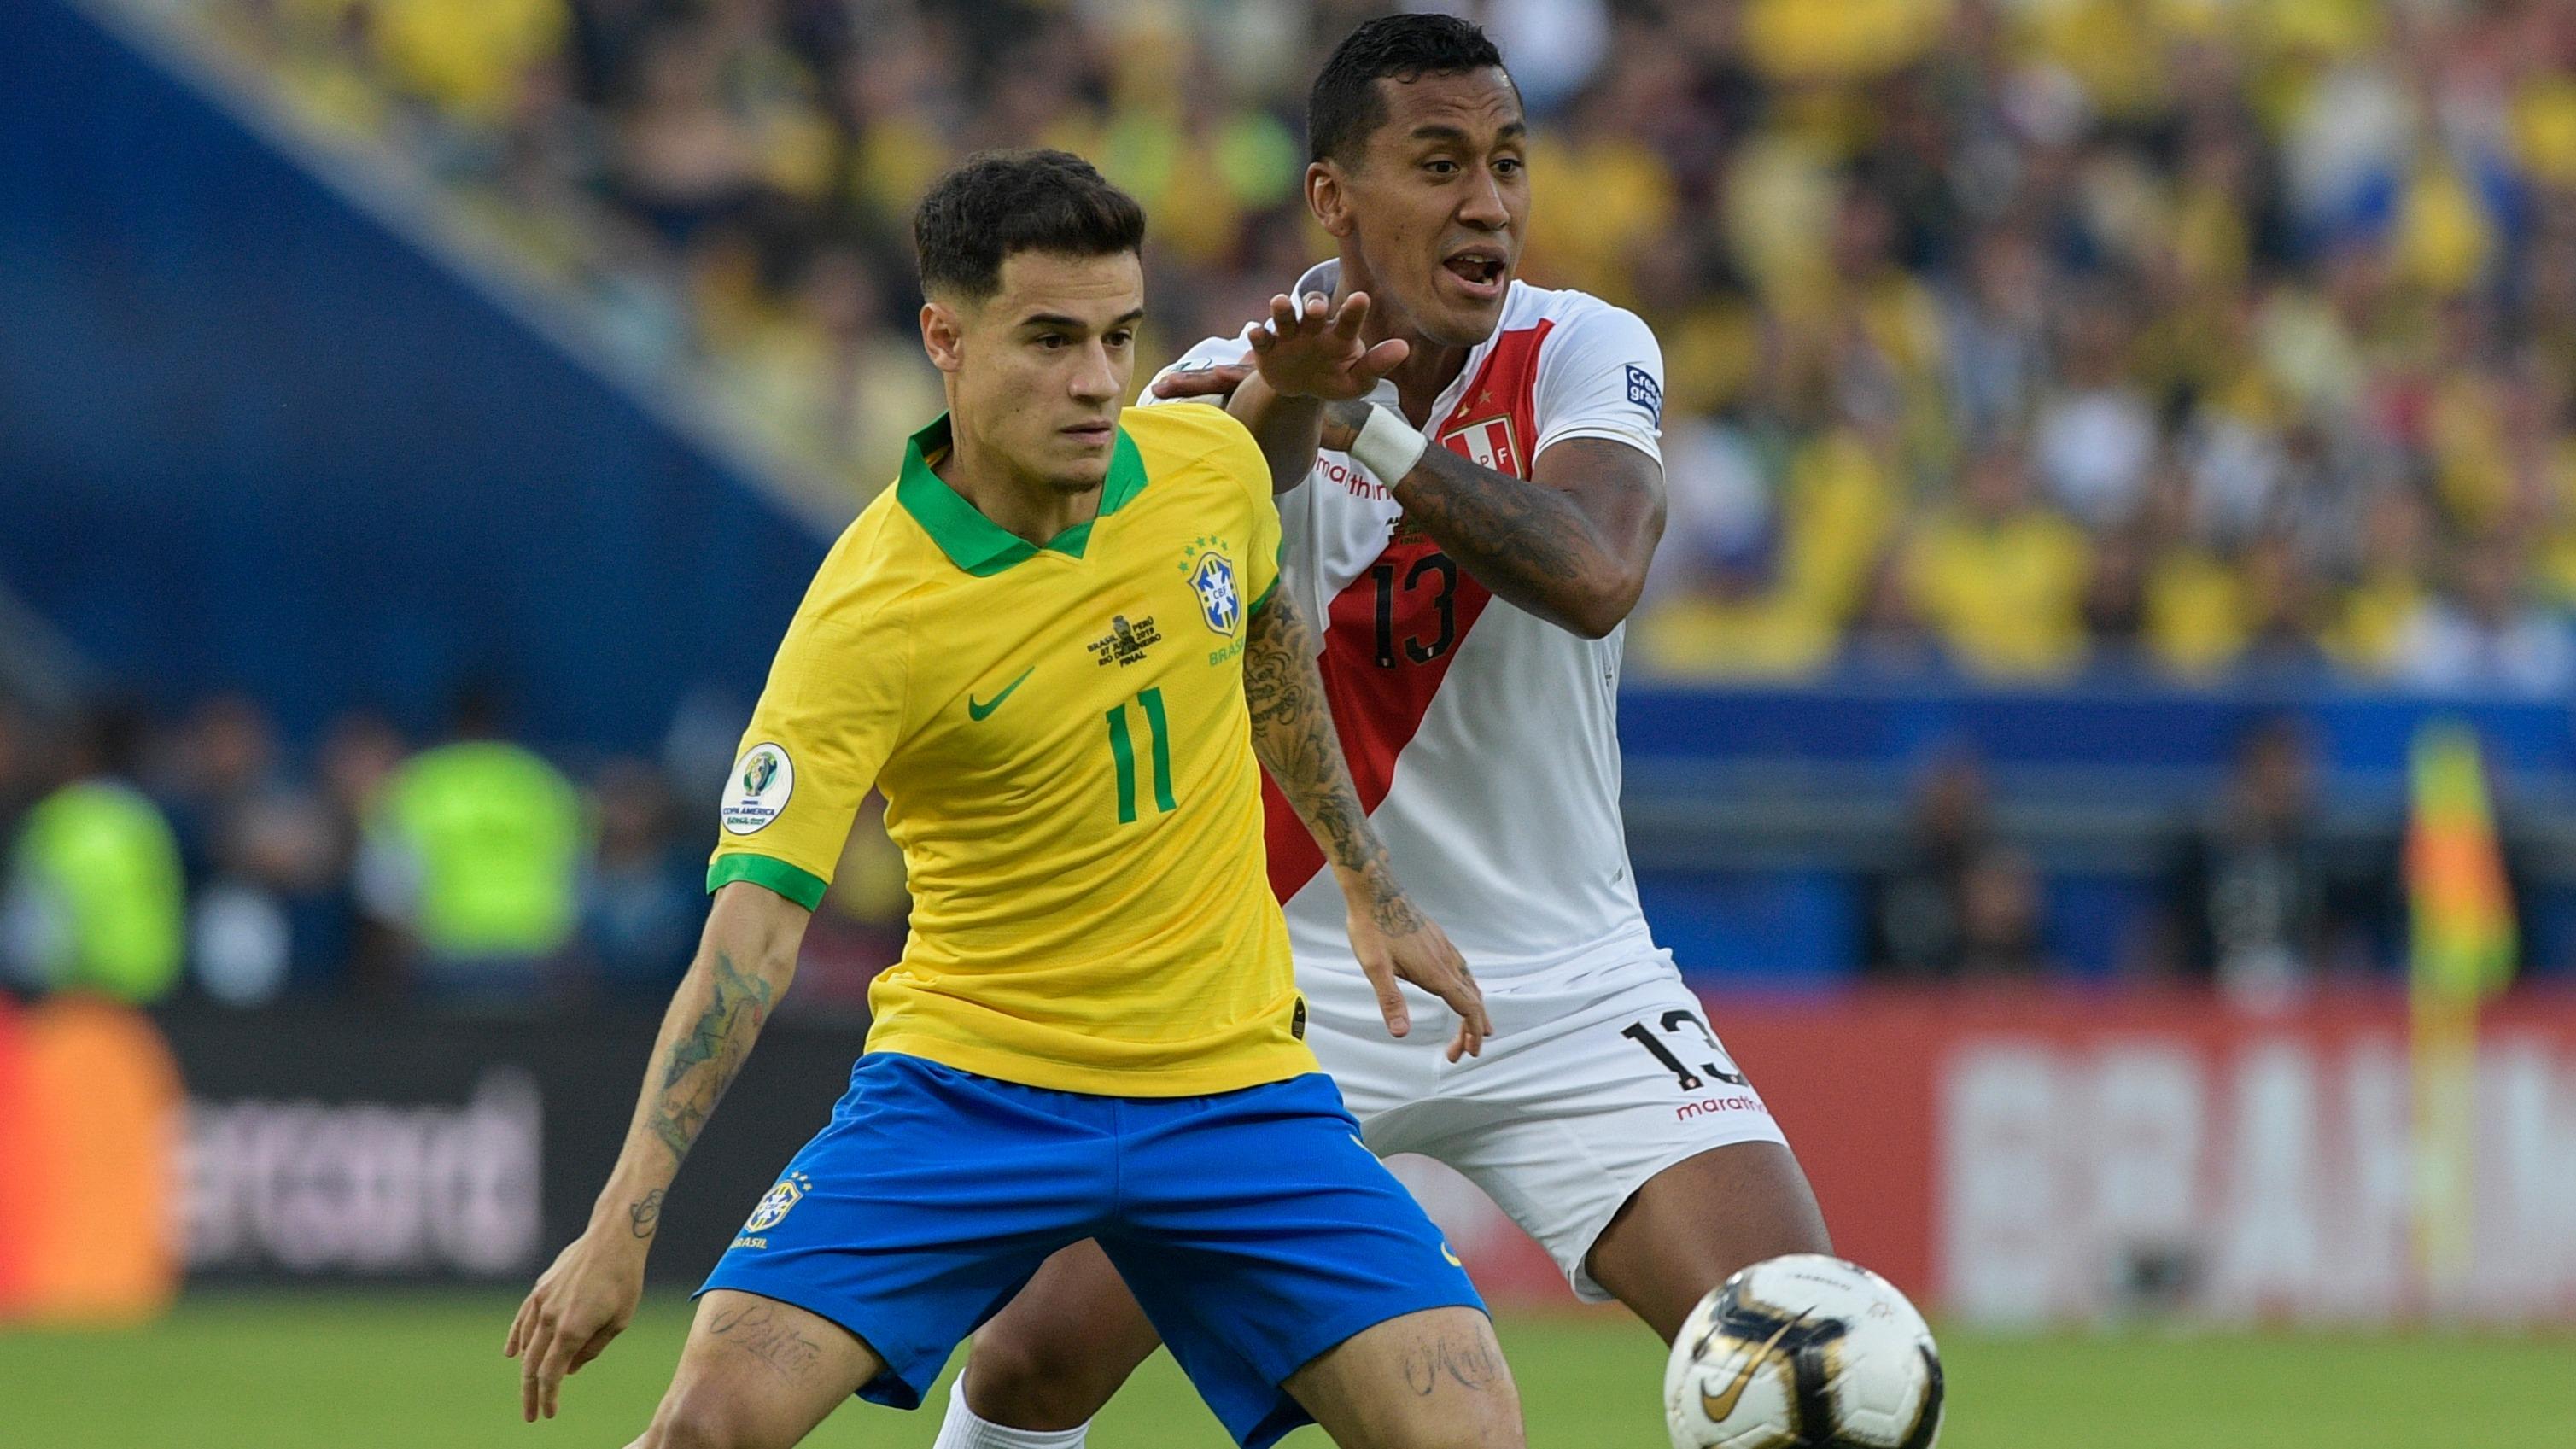 El peruano recibió la amarilla por esta acción.